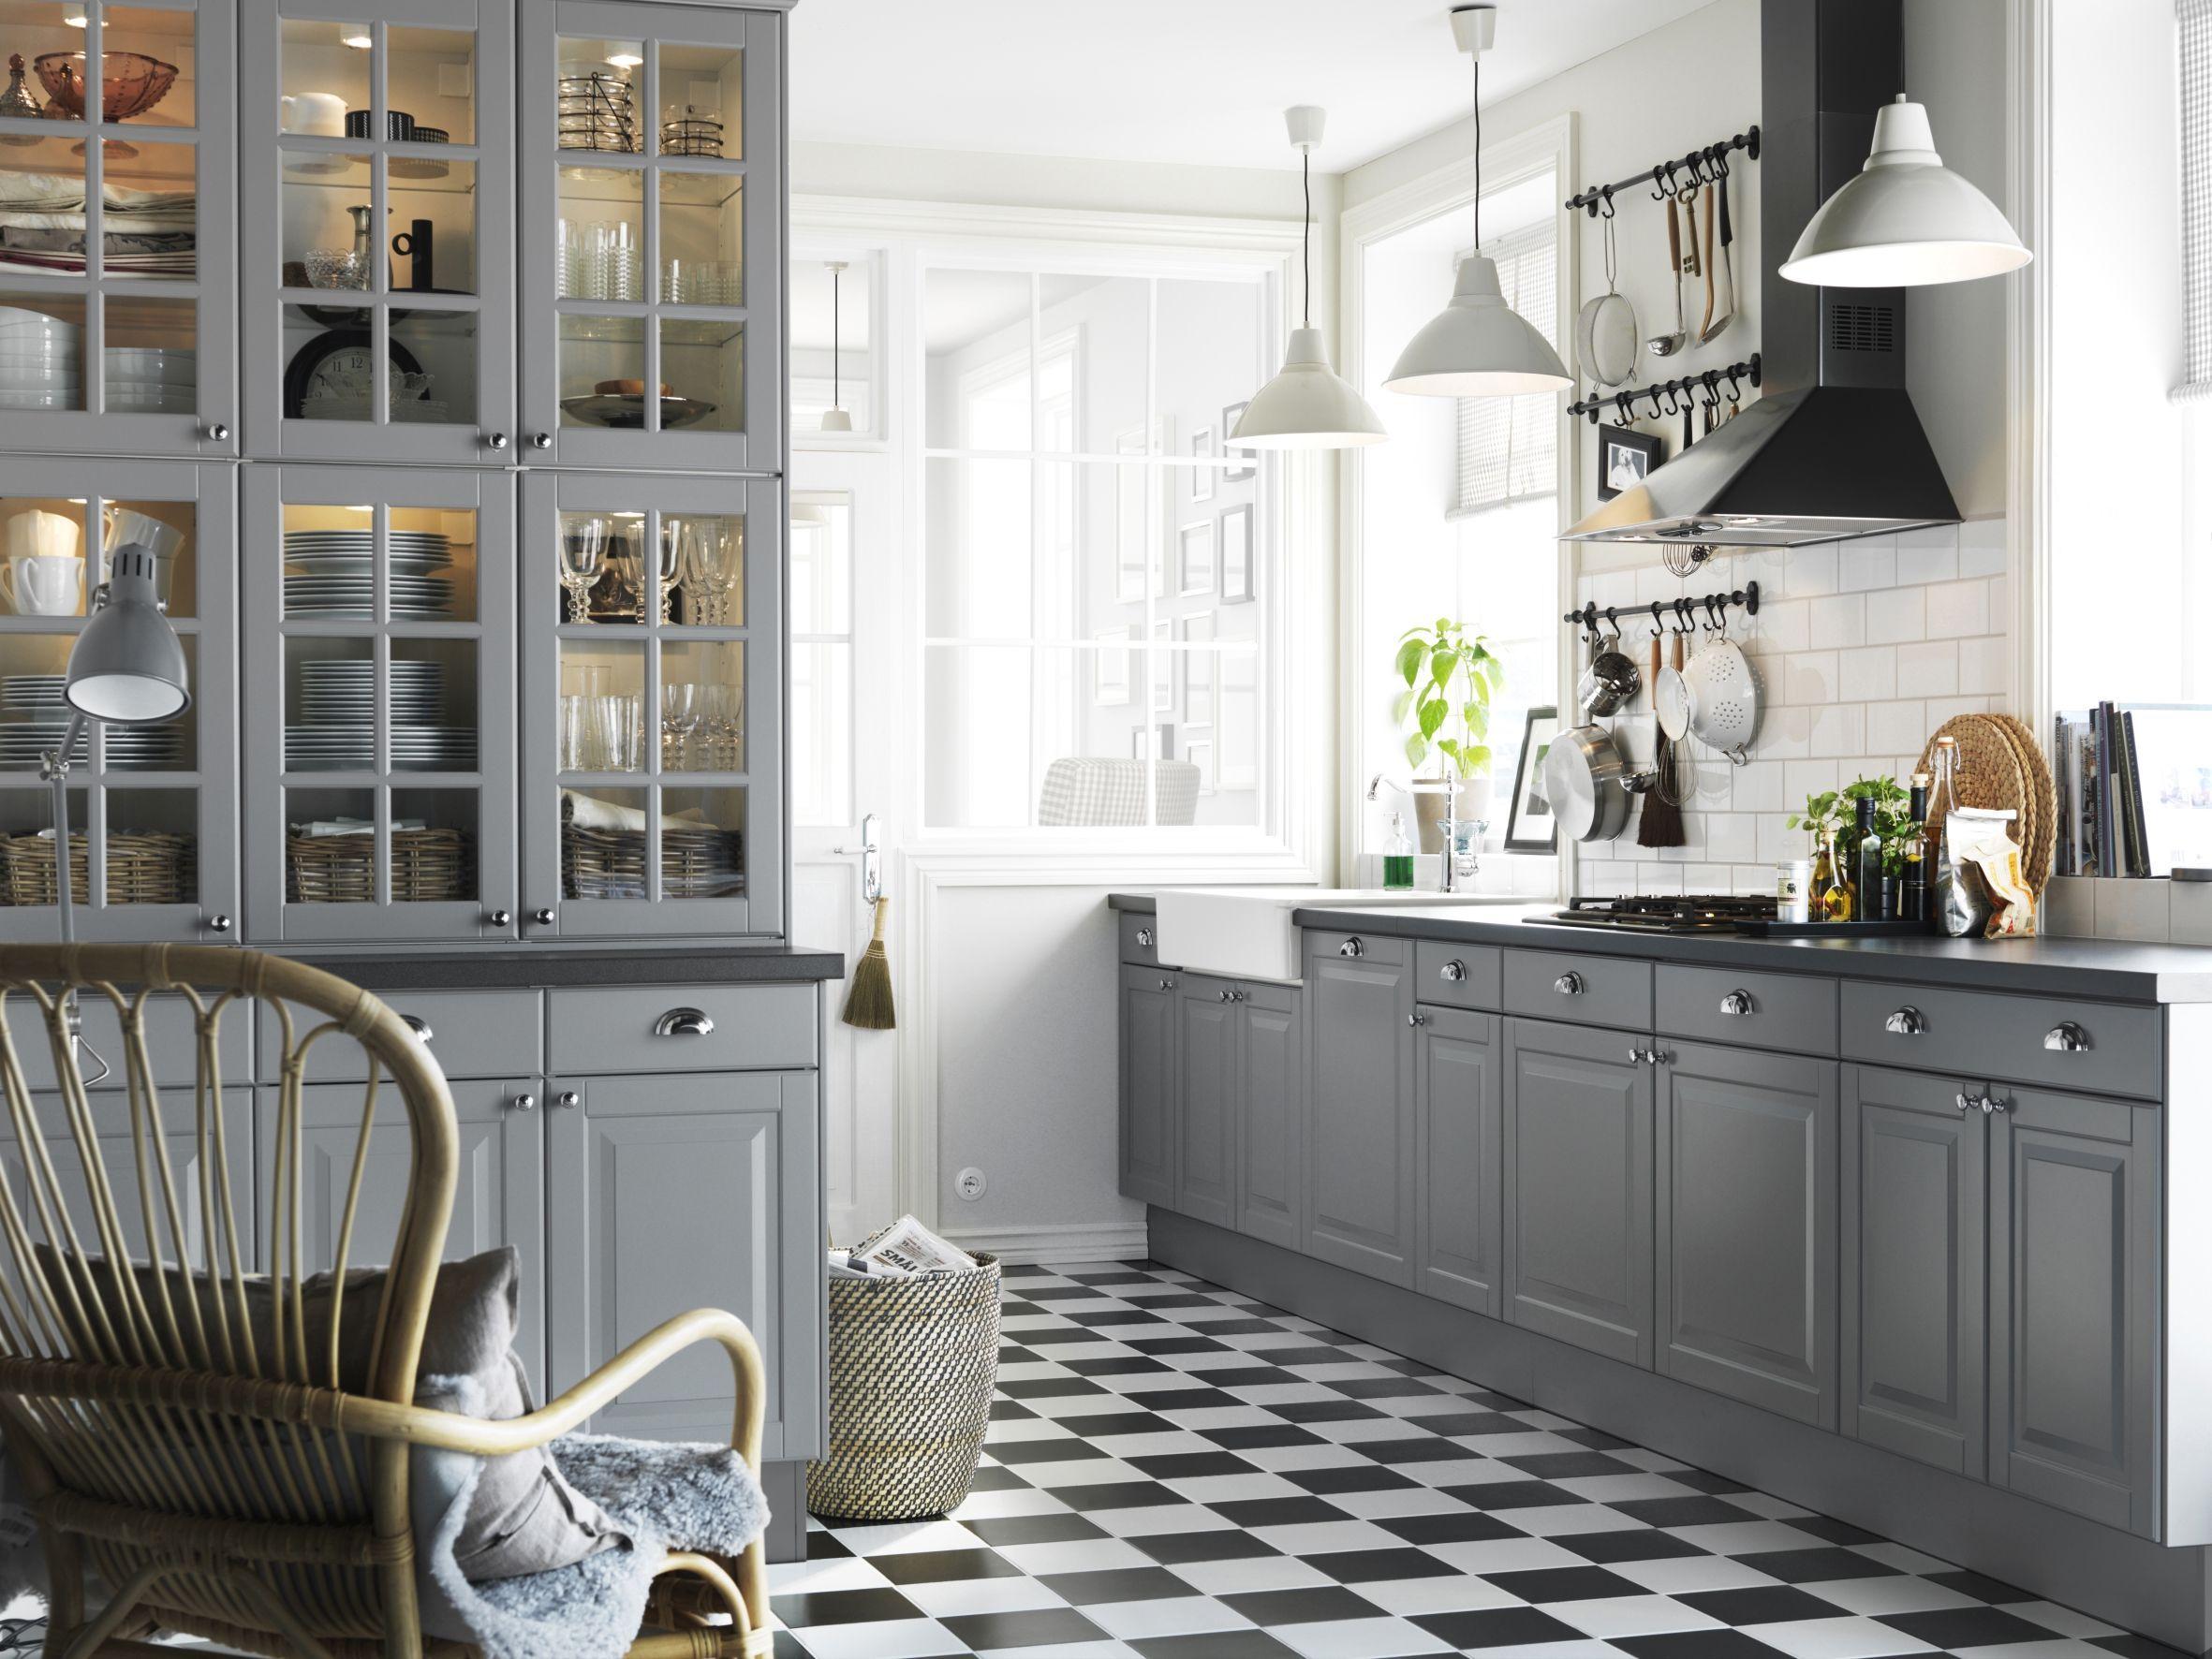 5 Creative Kitchen Remodel Lincoln Ne Ideas In 2020 Ikea Kitchen Cabinets Grey Kitchen Cabinets Ikea Kitchen